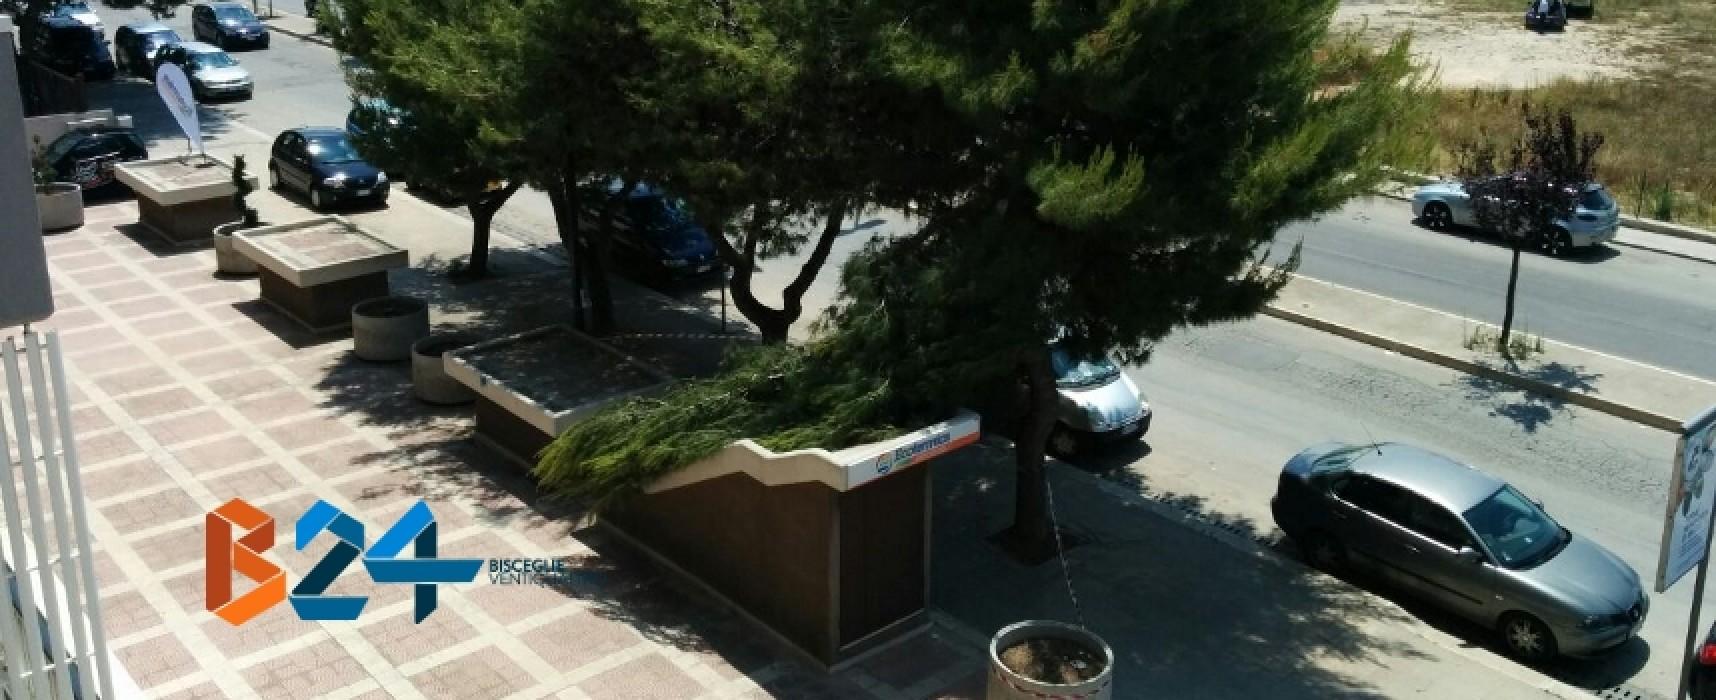 Grosso ramo cade in via San Martino, scattano le lamentele dei residenti/FOTO